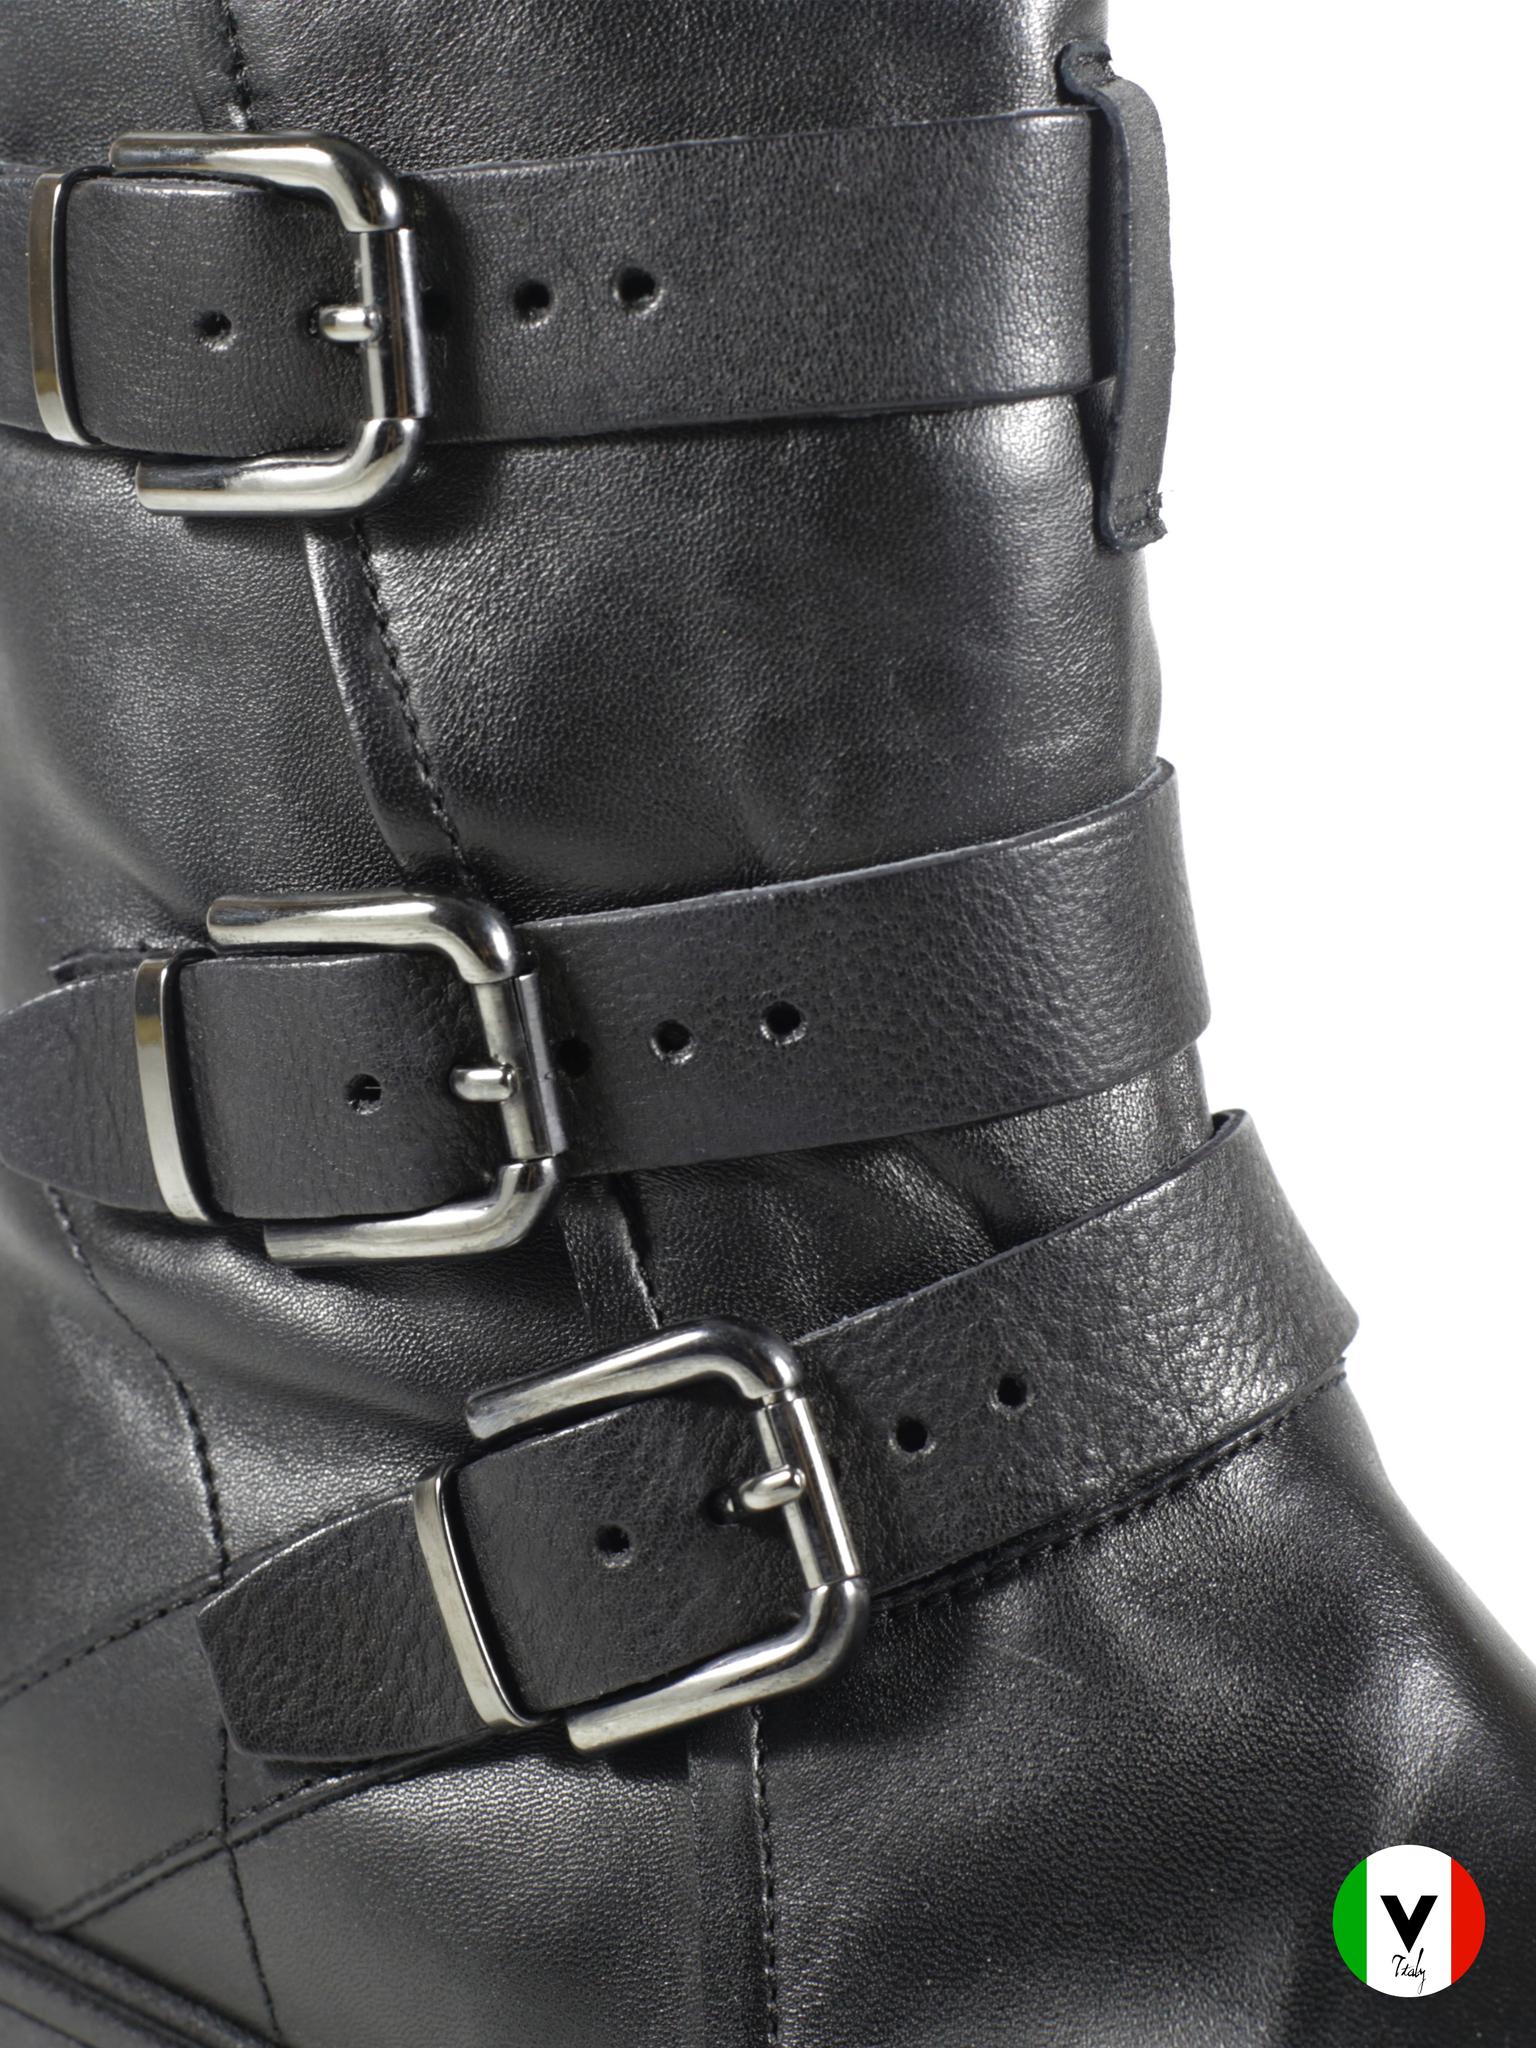 Зимние ботинки Fru.it с кожаными ремешками 5826, артикул 5826, сезон зима, цвет чёрный, материал кожа, цена 16 500 руб., veroitaly.ru